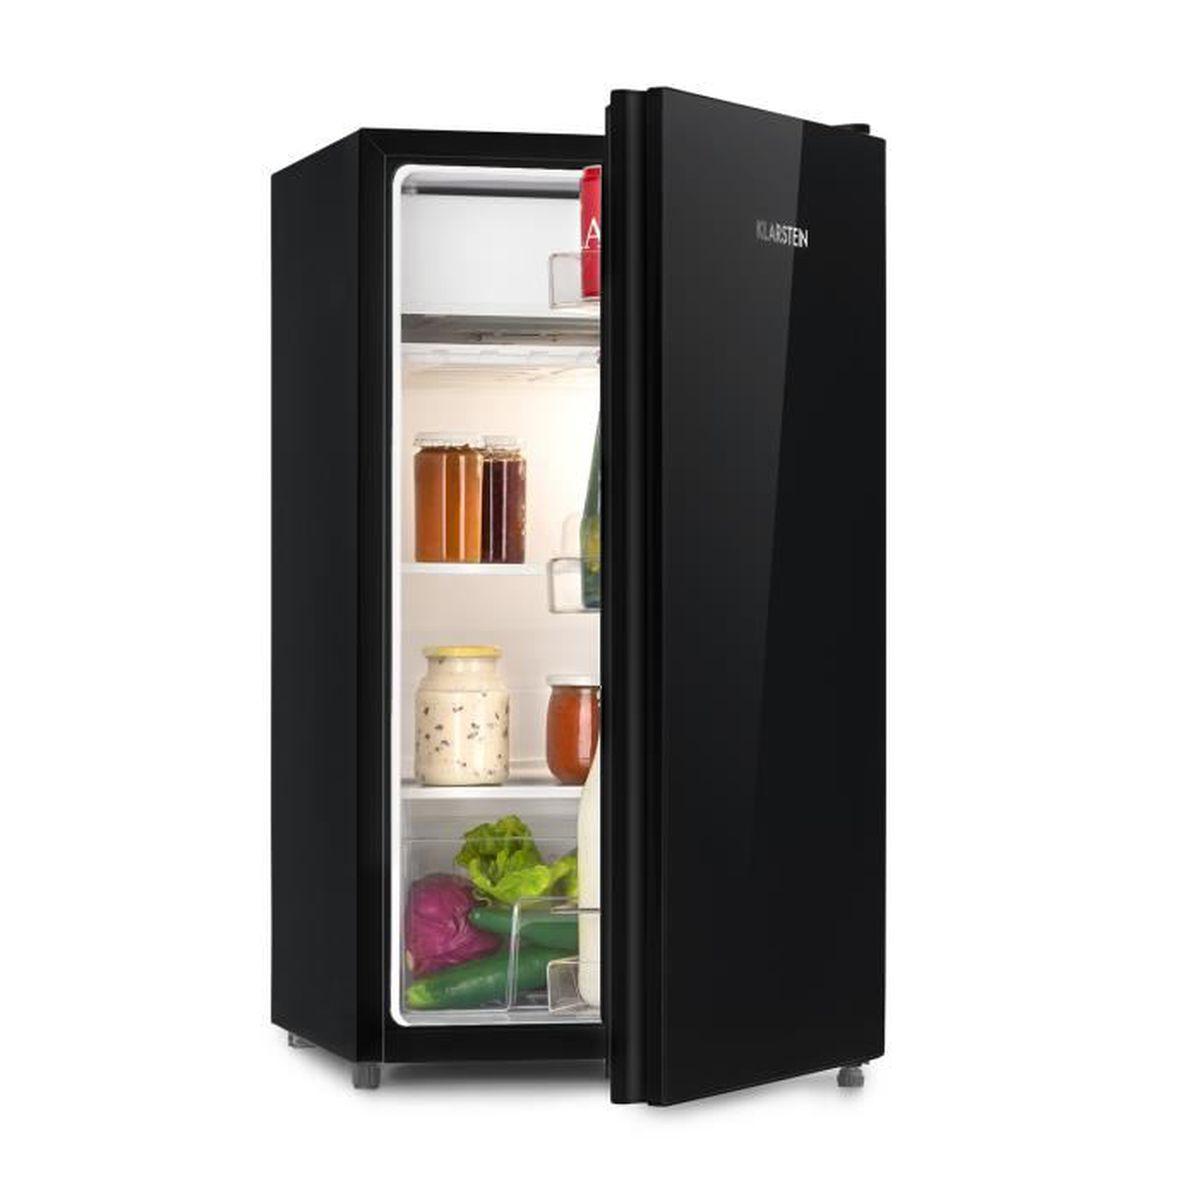 Dimension Frigo Encastrable Ikea refrigerateur avec bac freezer